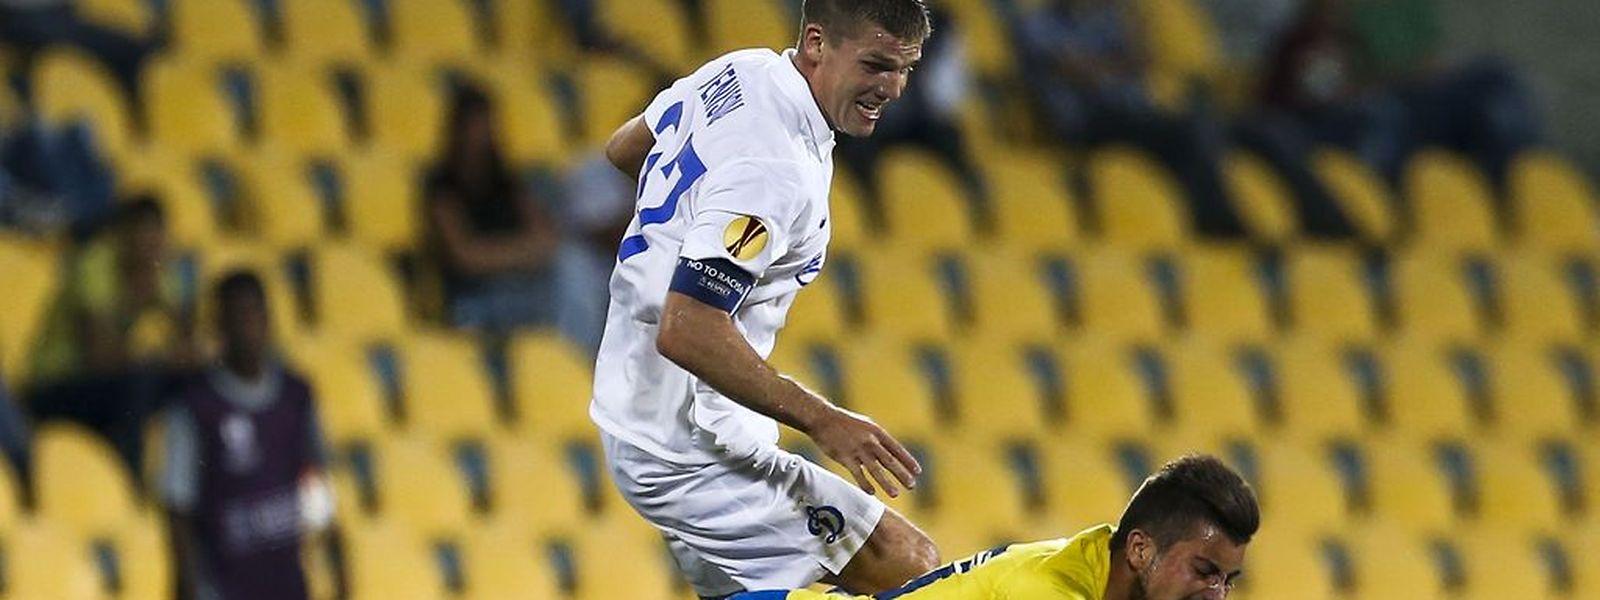 O Dinamo de Moscovo acabou por aproveitar os erros do Estoril e vencer na Amoreira